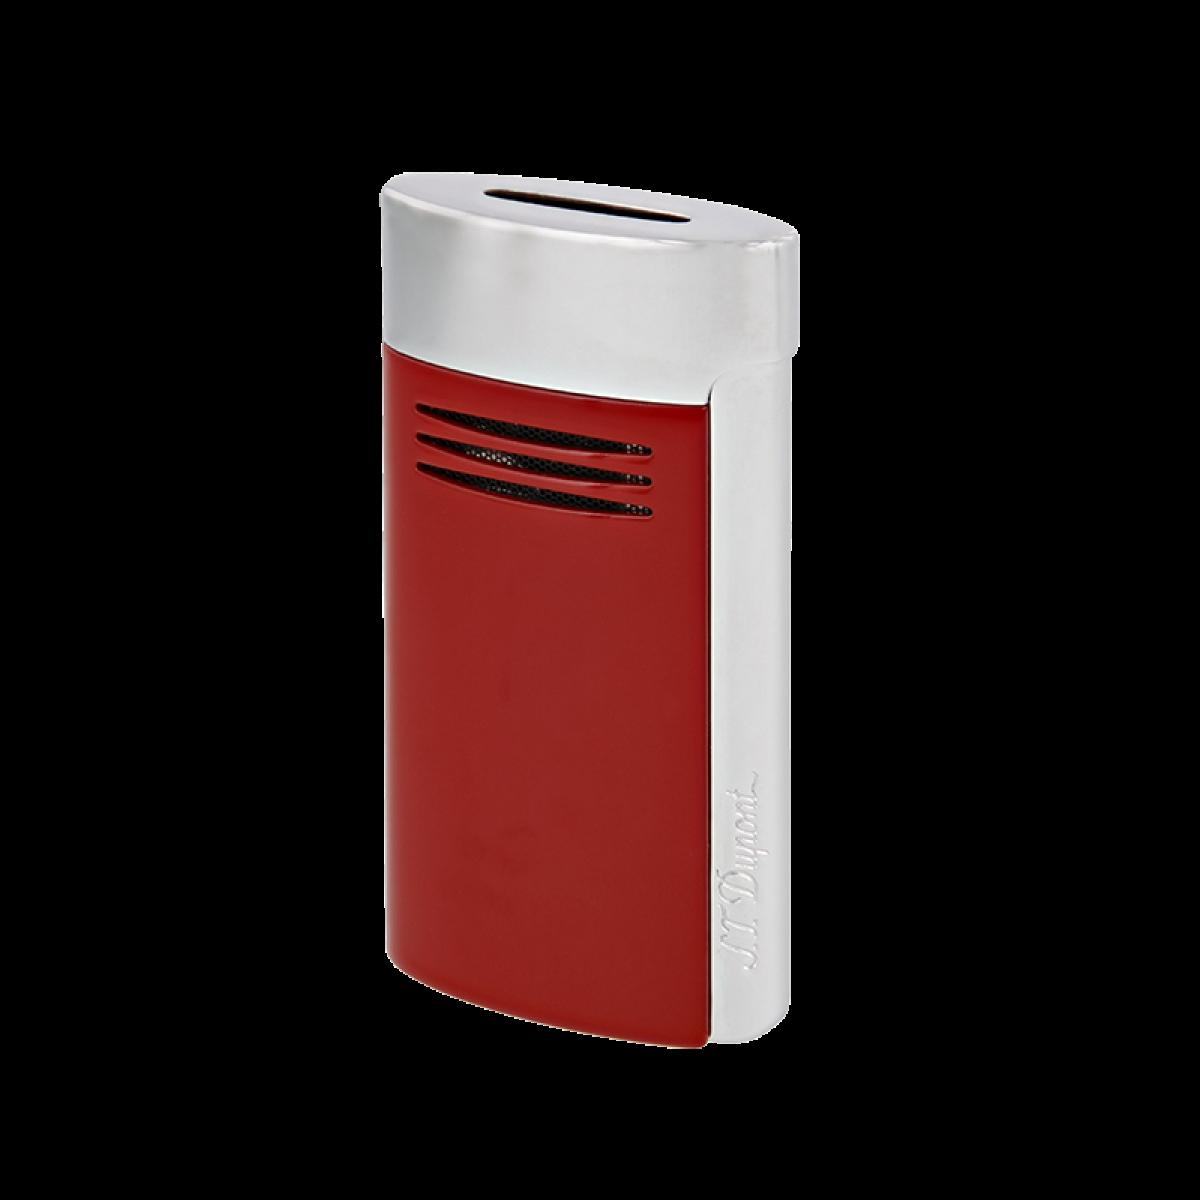 Isqueiro de design prateado e vermelho